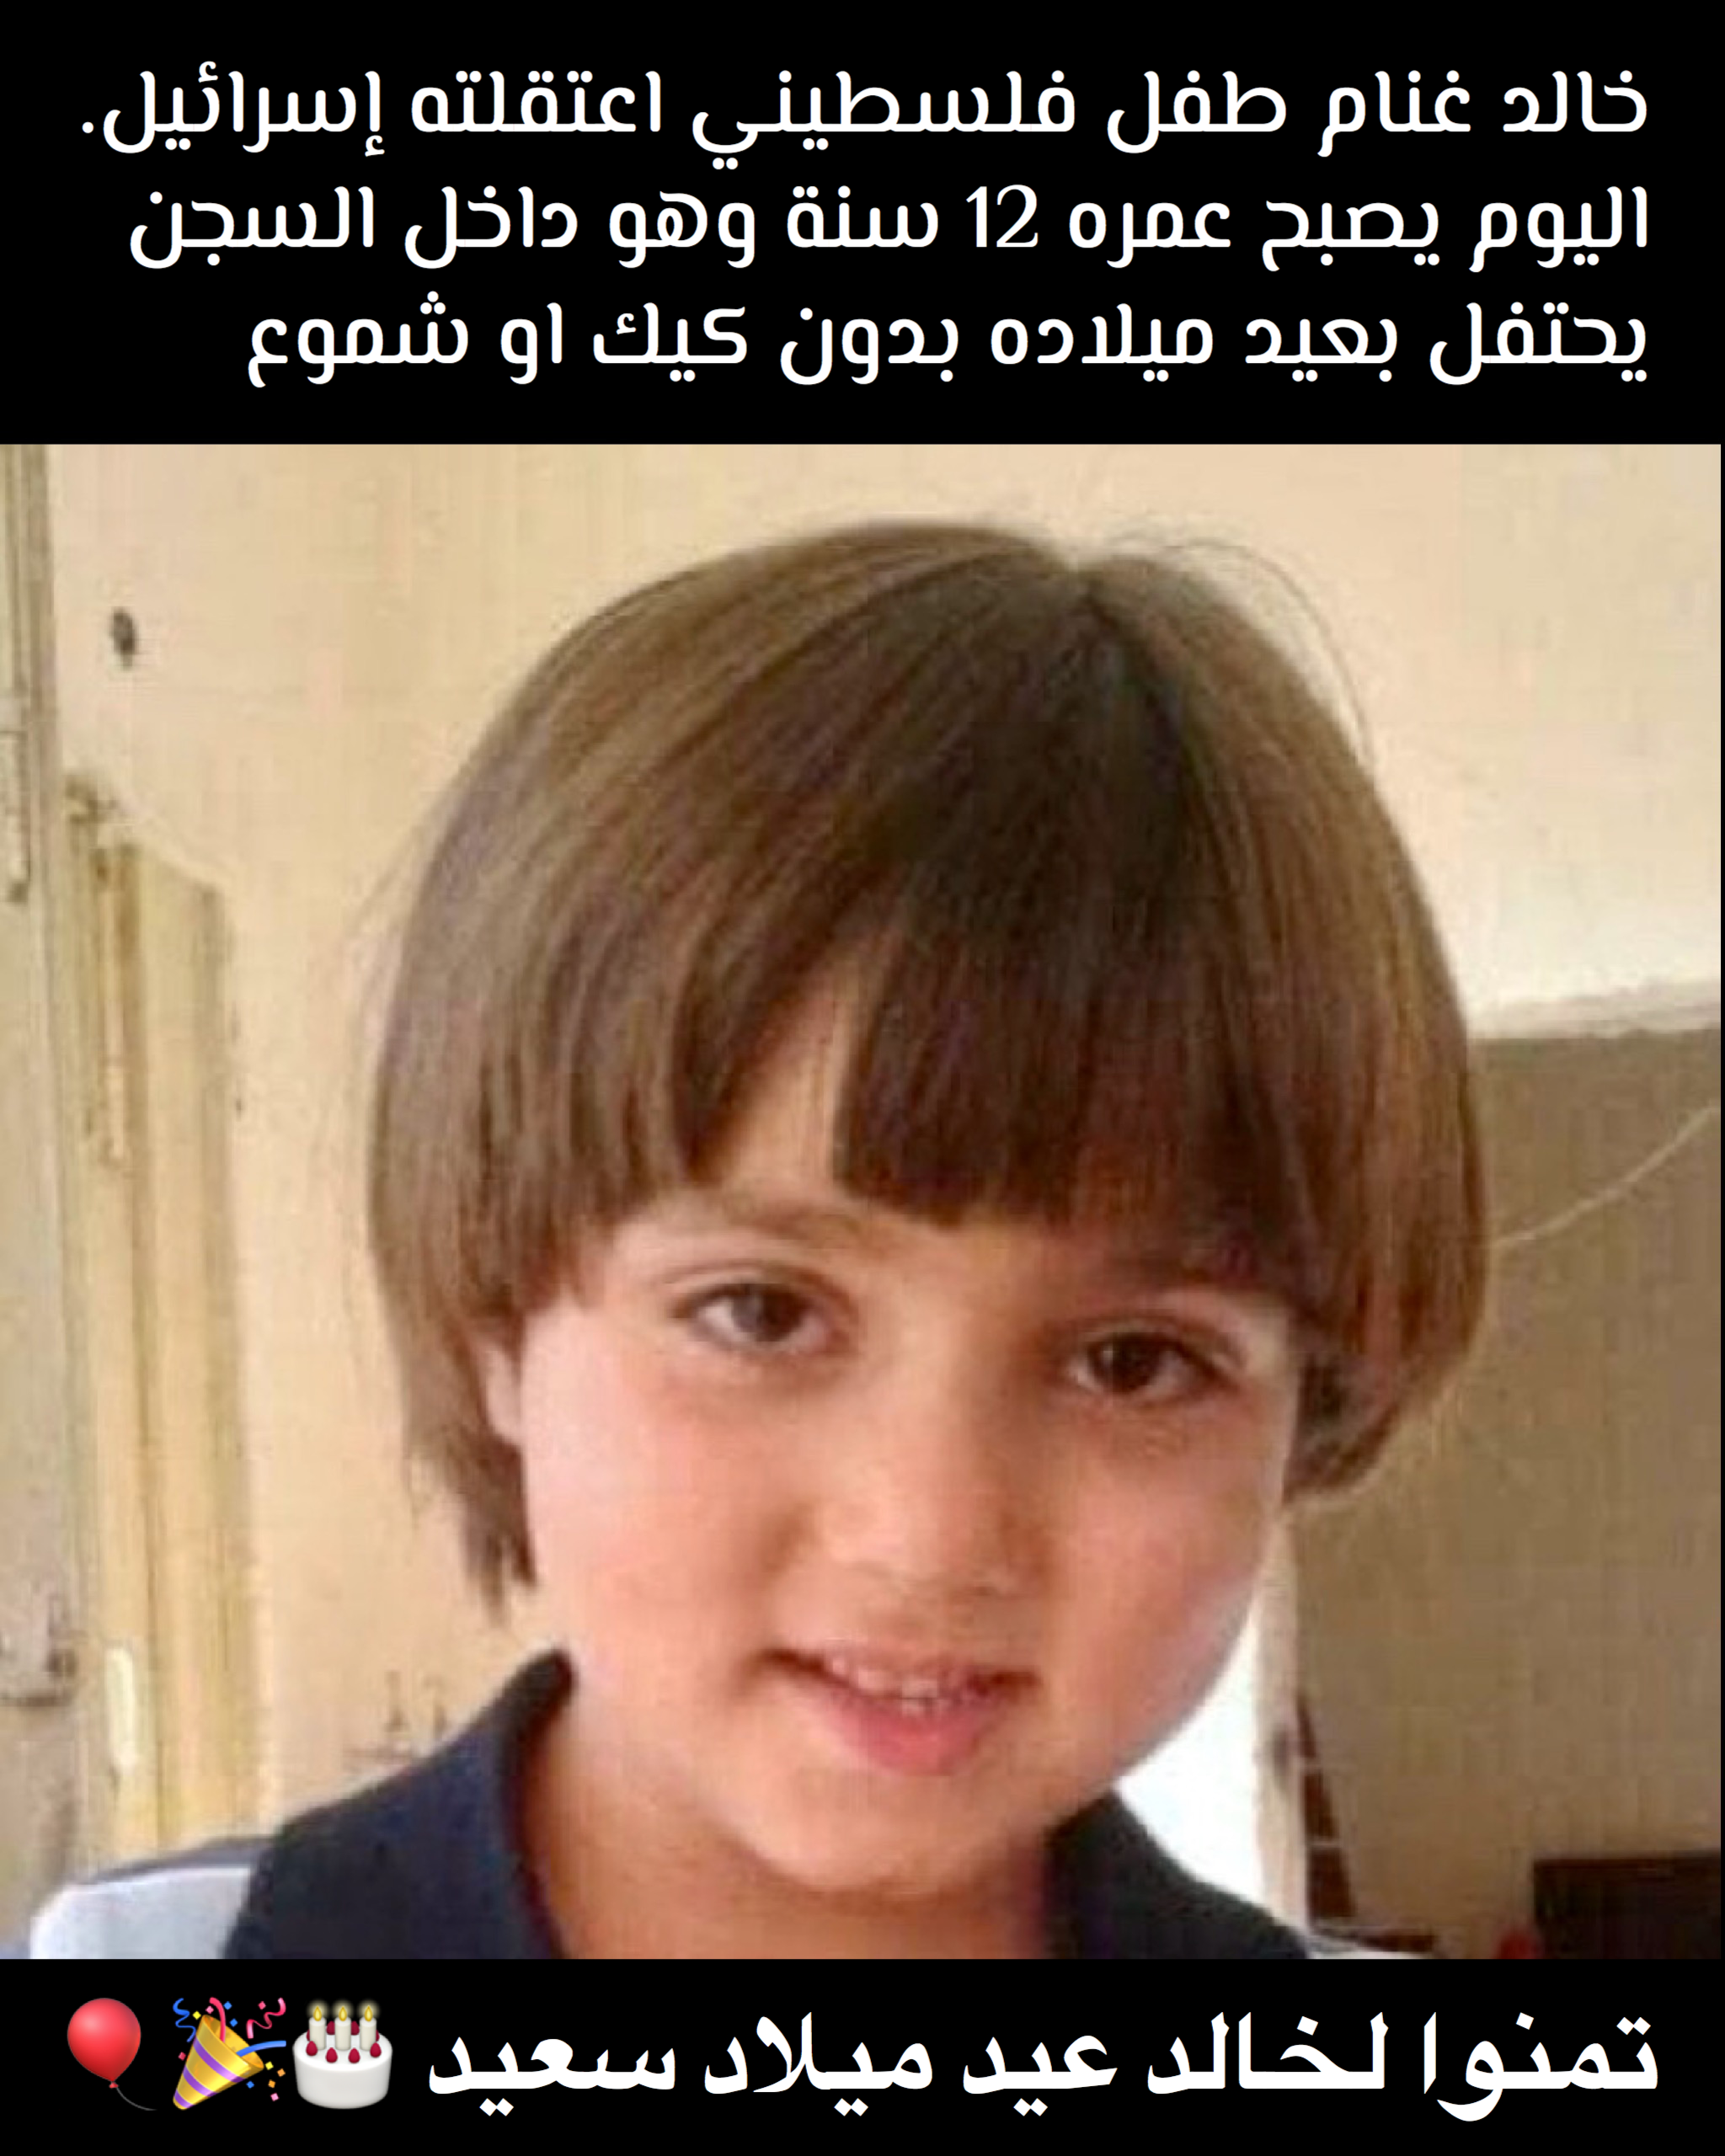 خالد غنام الطفل الفلسطيني الذي يصادف ميلاده 12 وهو غير السجن Birthday For Him Boys Olds